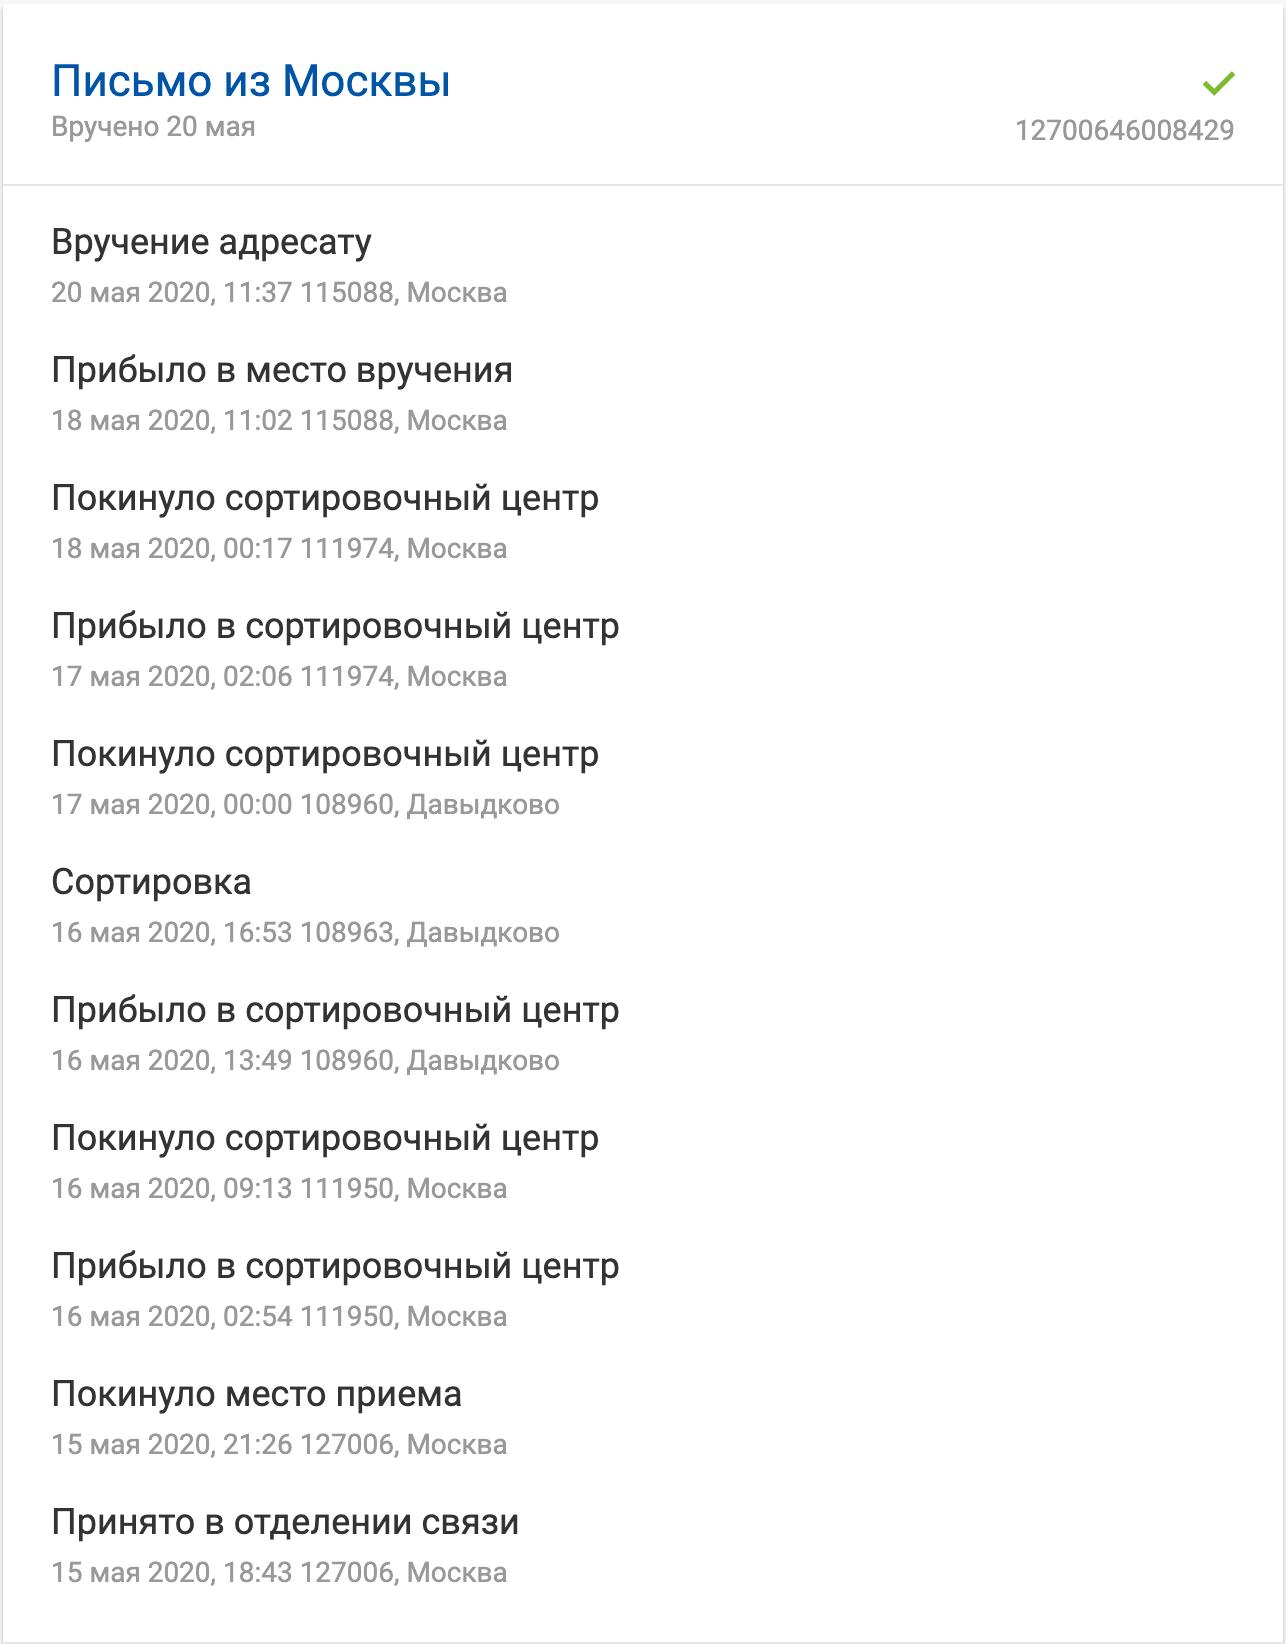 «Покинуло сортировочный центр»: как устроена логистика Почты России - 1